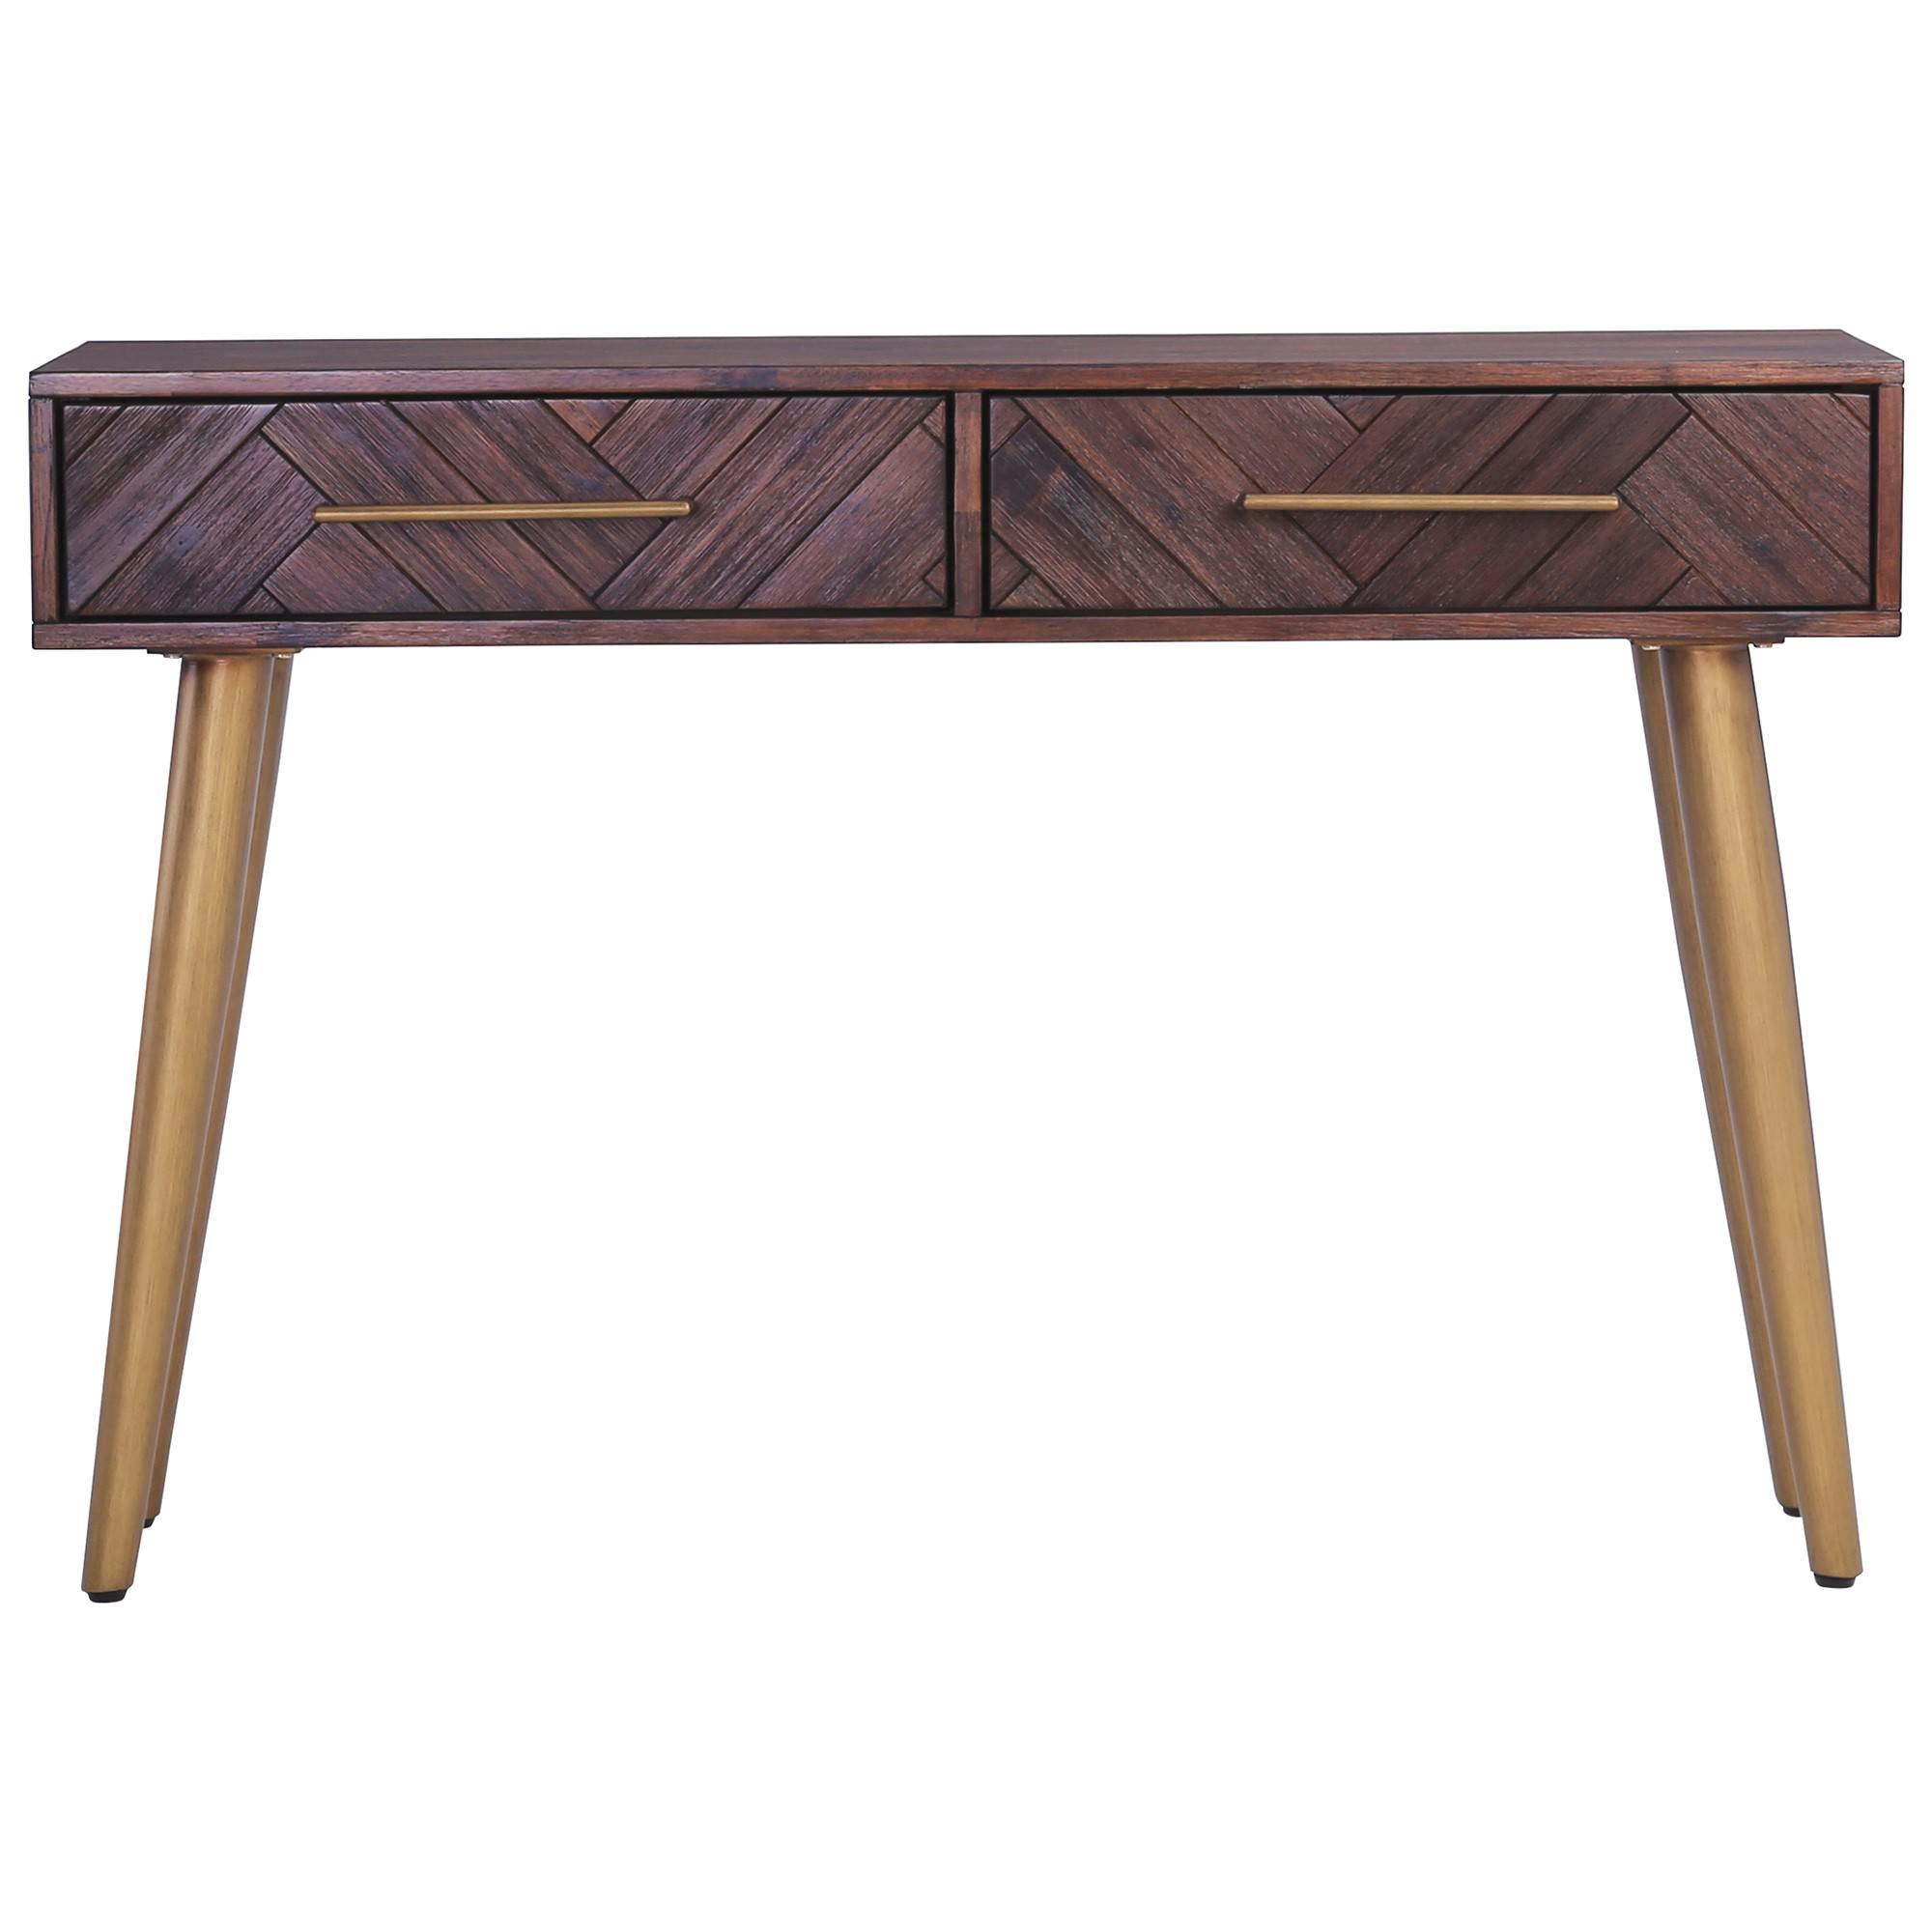 Sivan Acacia Timber Console Table, 120cm